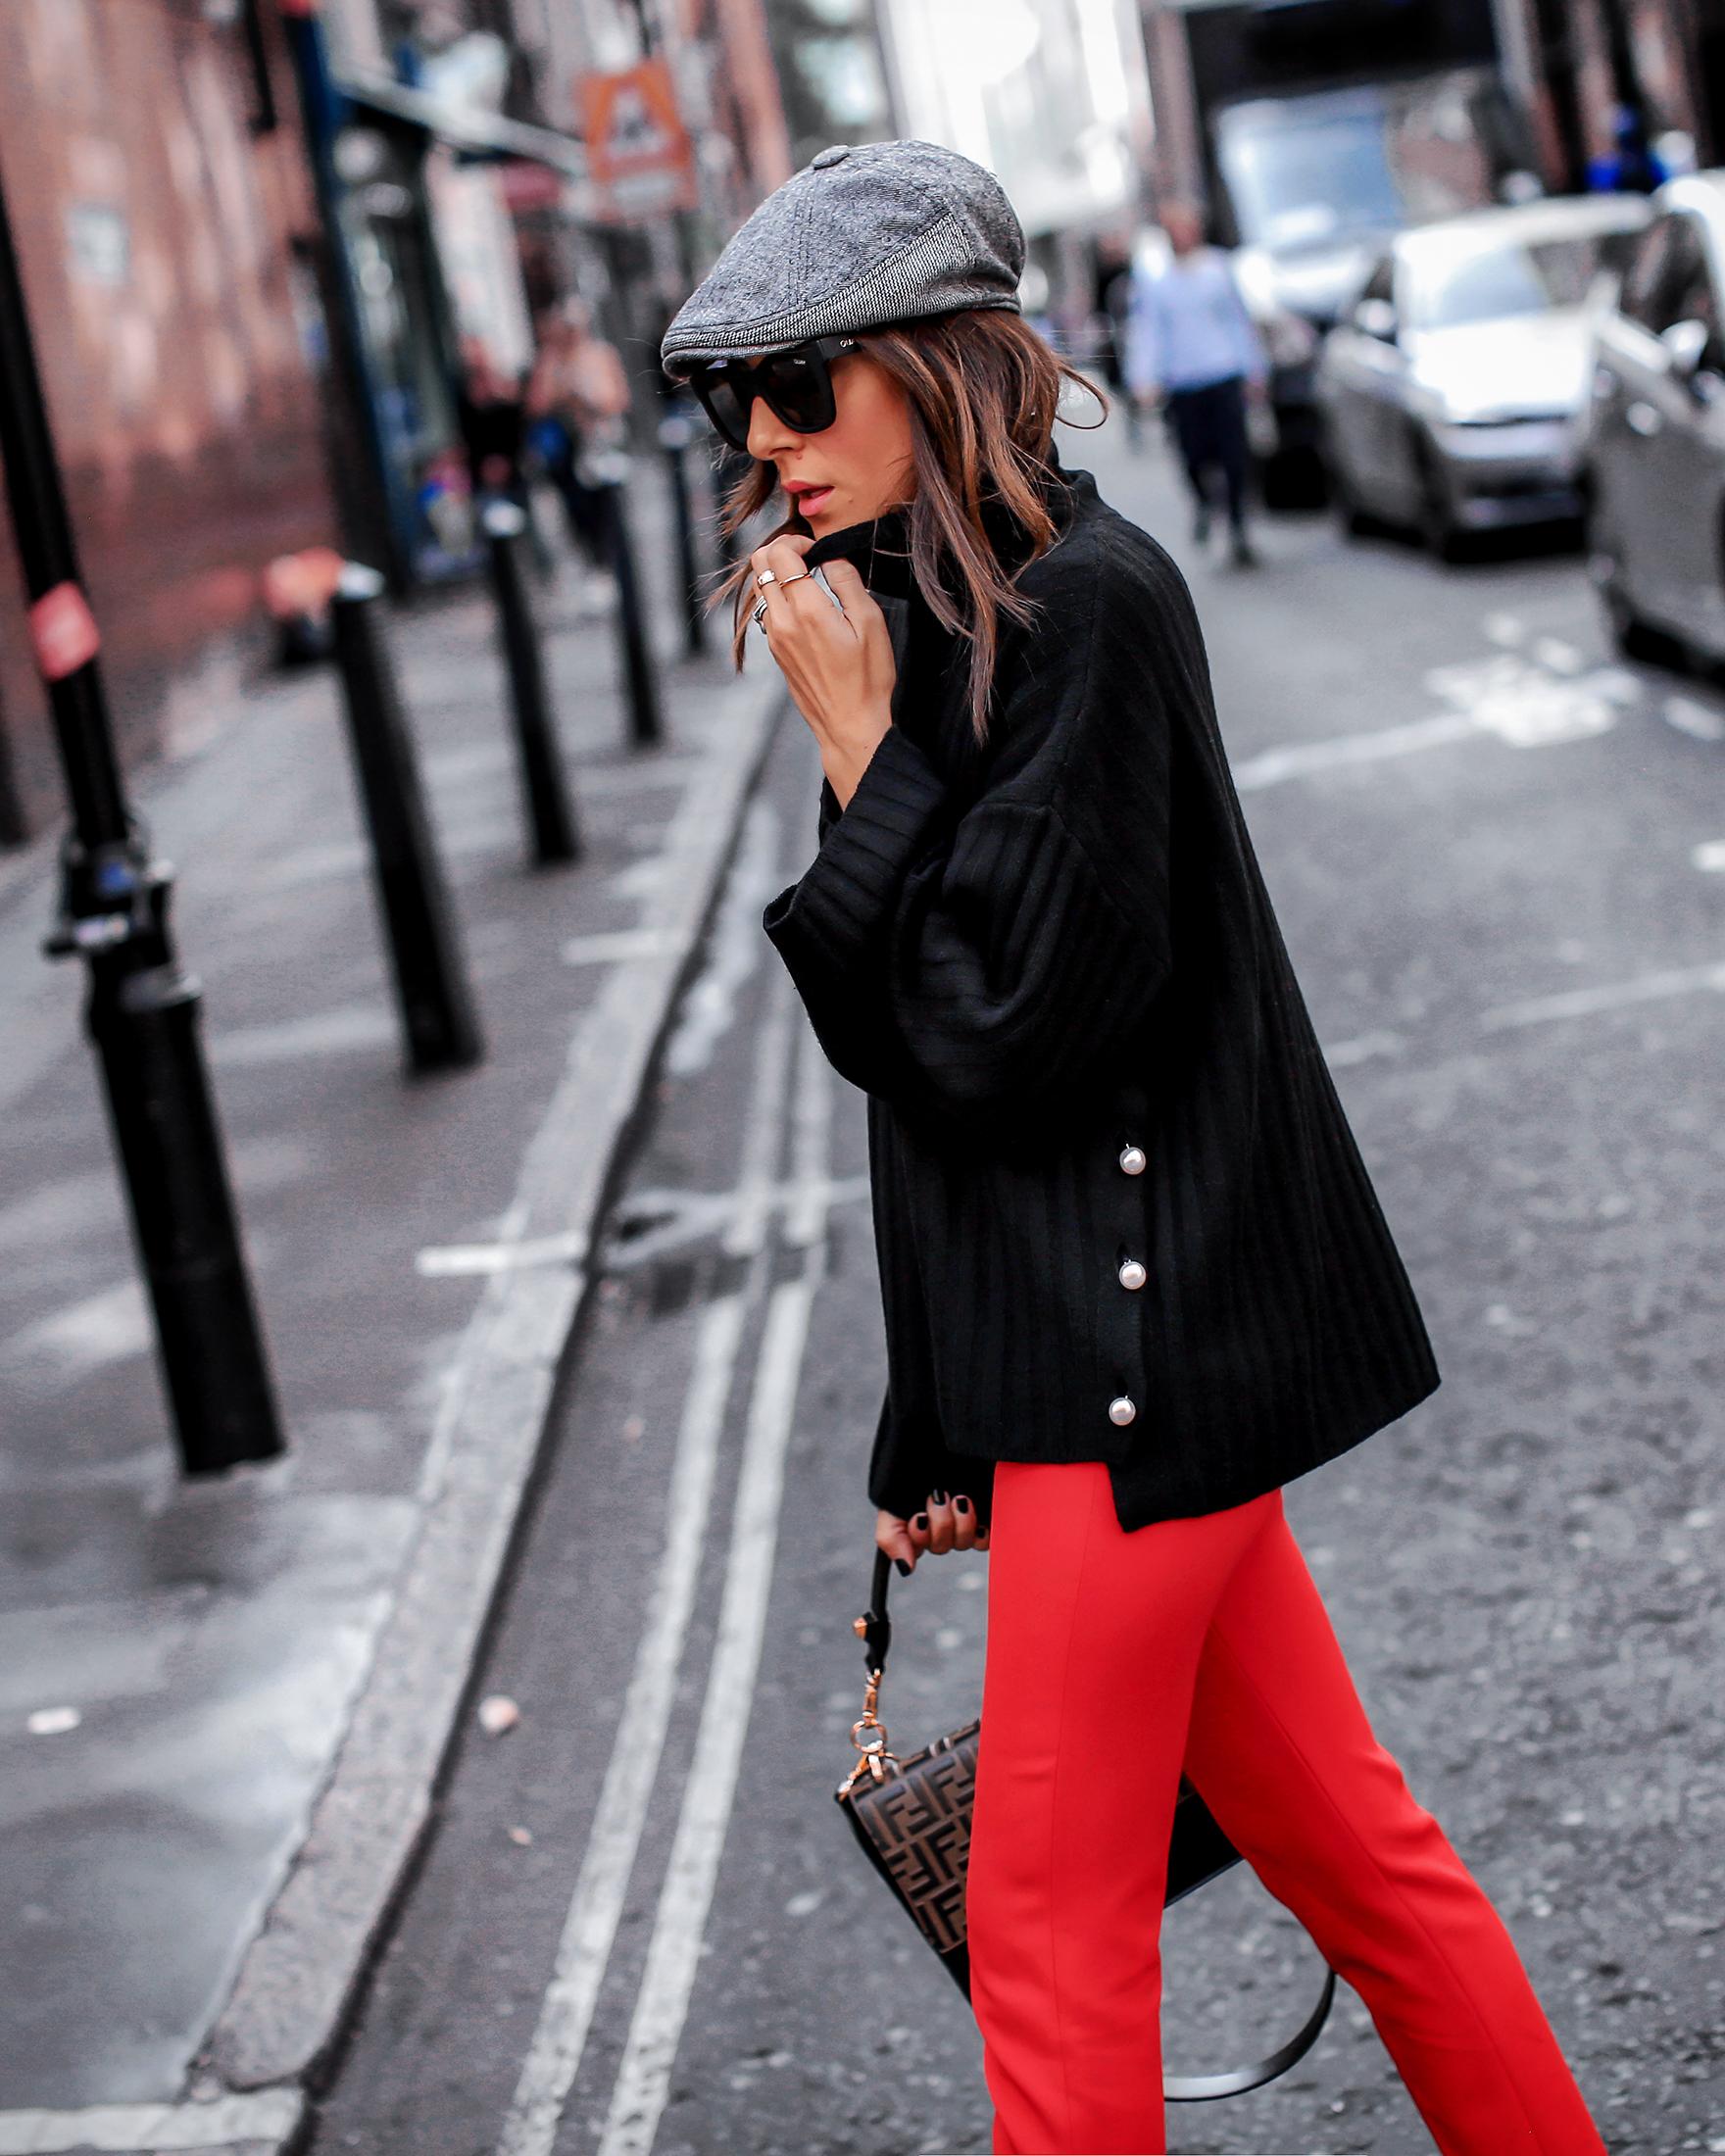 Brunette Woman In London Wearing Black Sweater